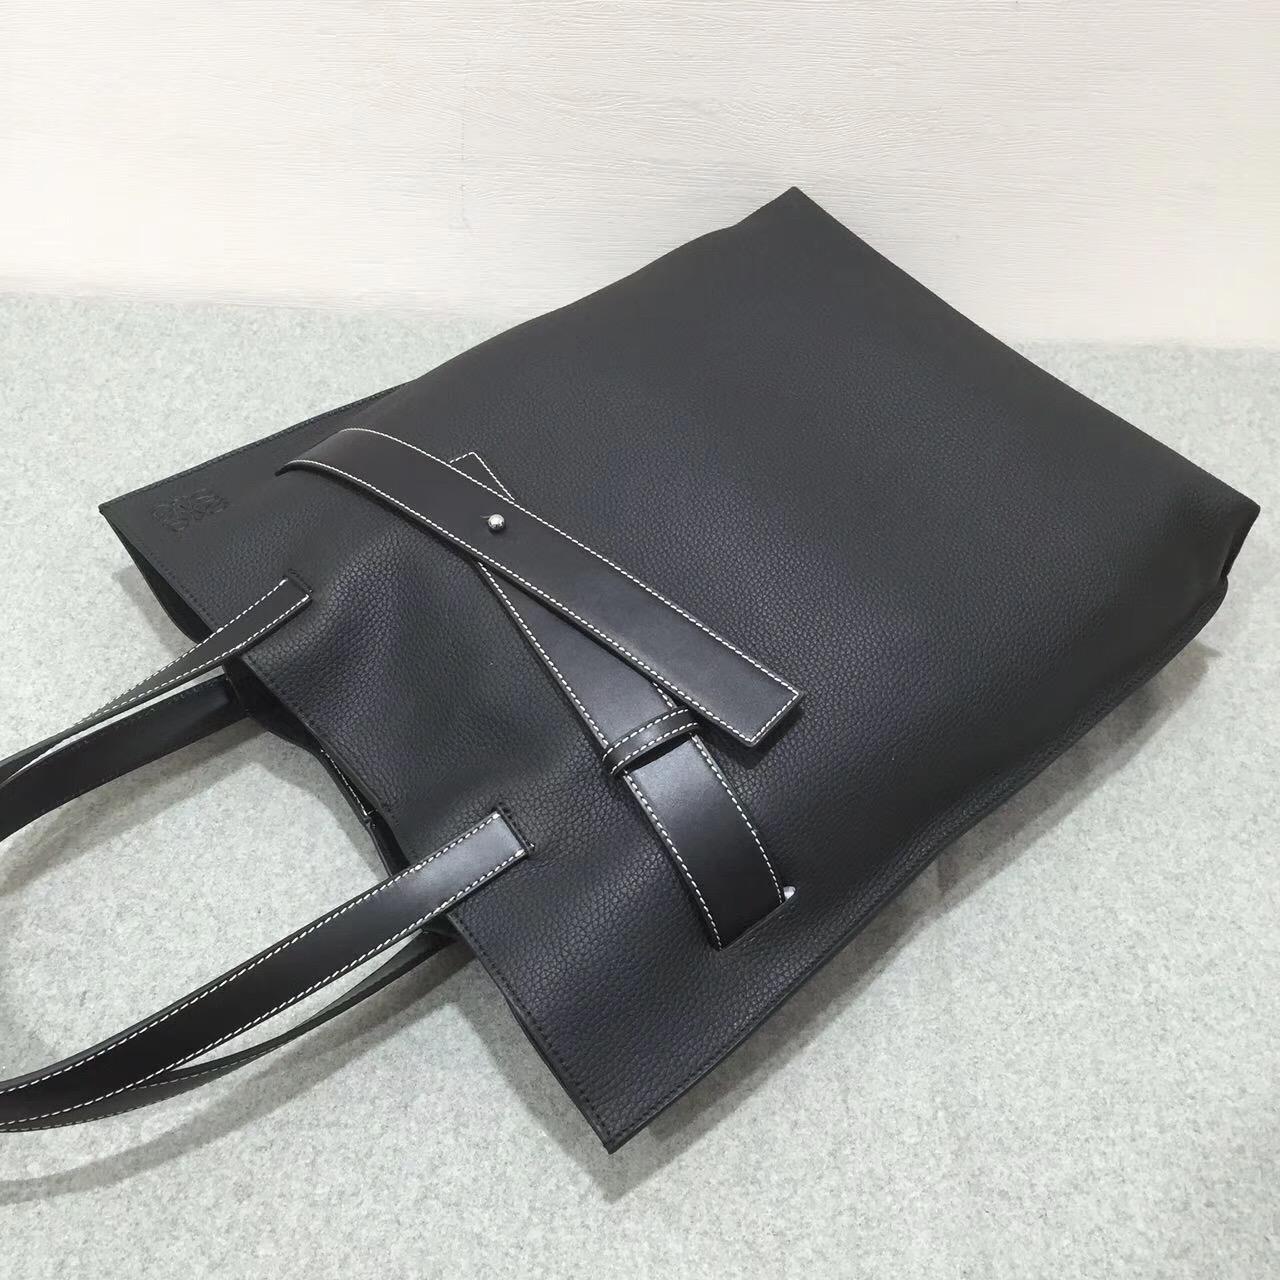 羅意威女包臺灣官網loewe Vertical Strap Tote Bag 黑色 粒面牛皮